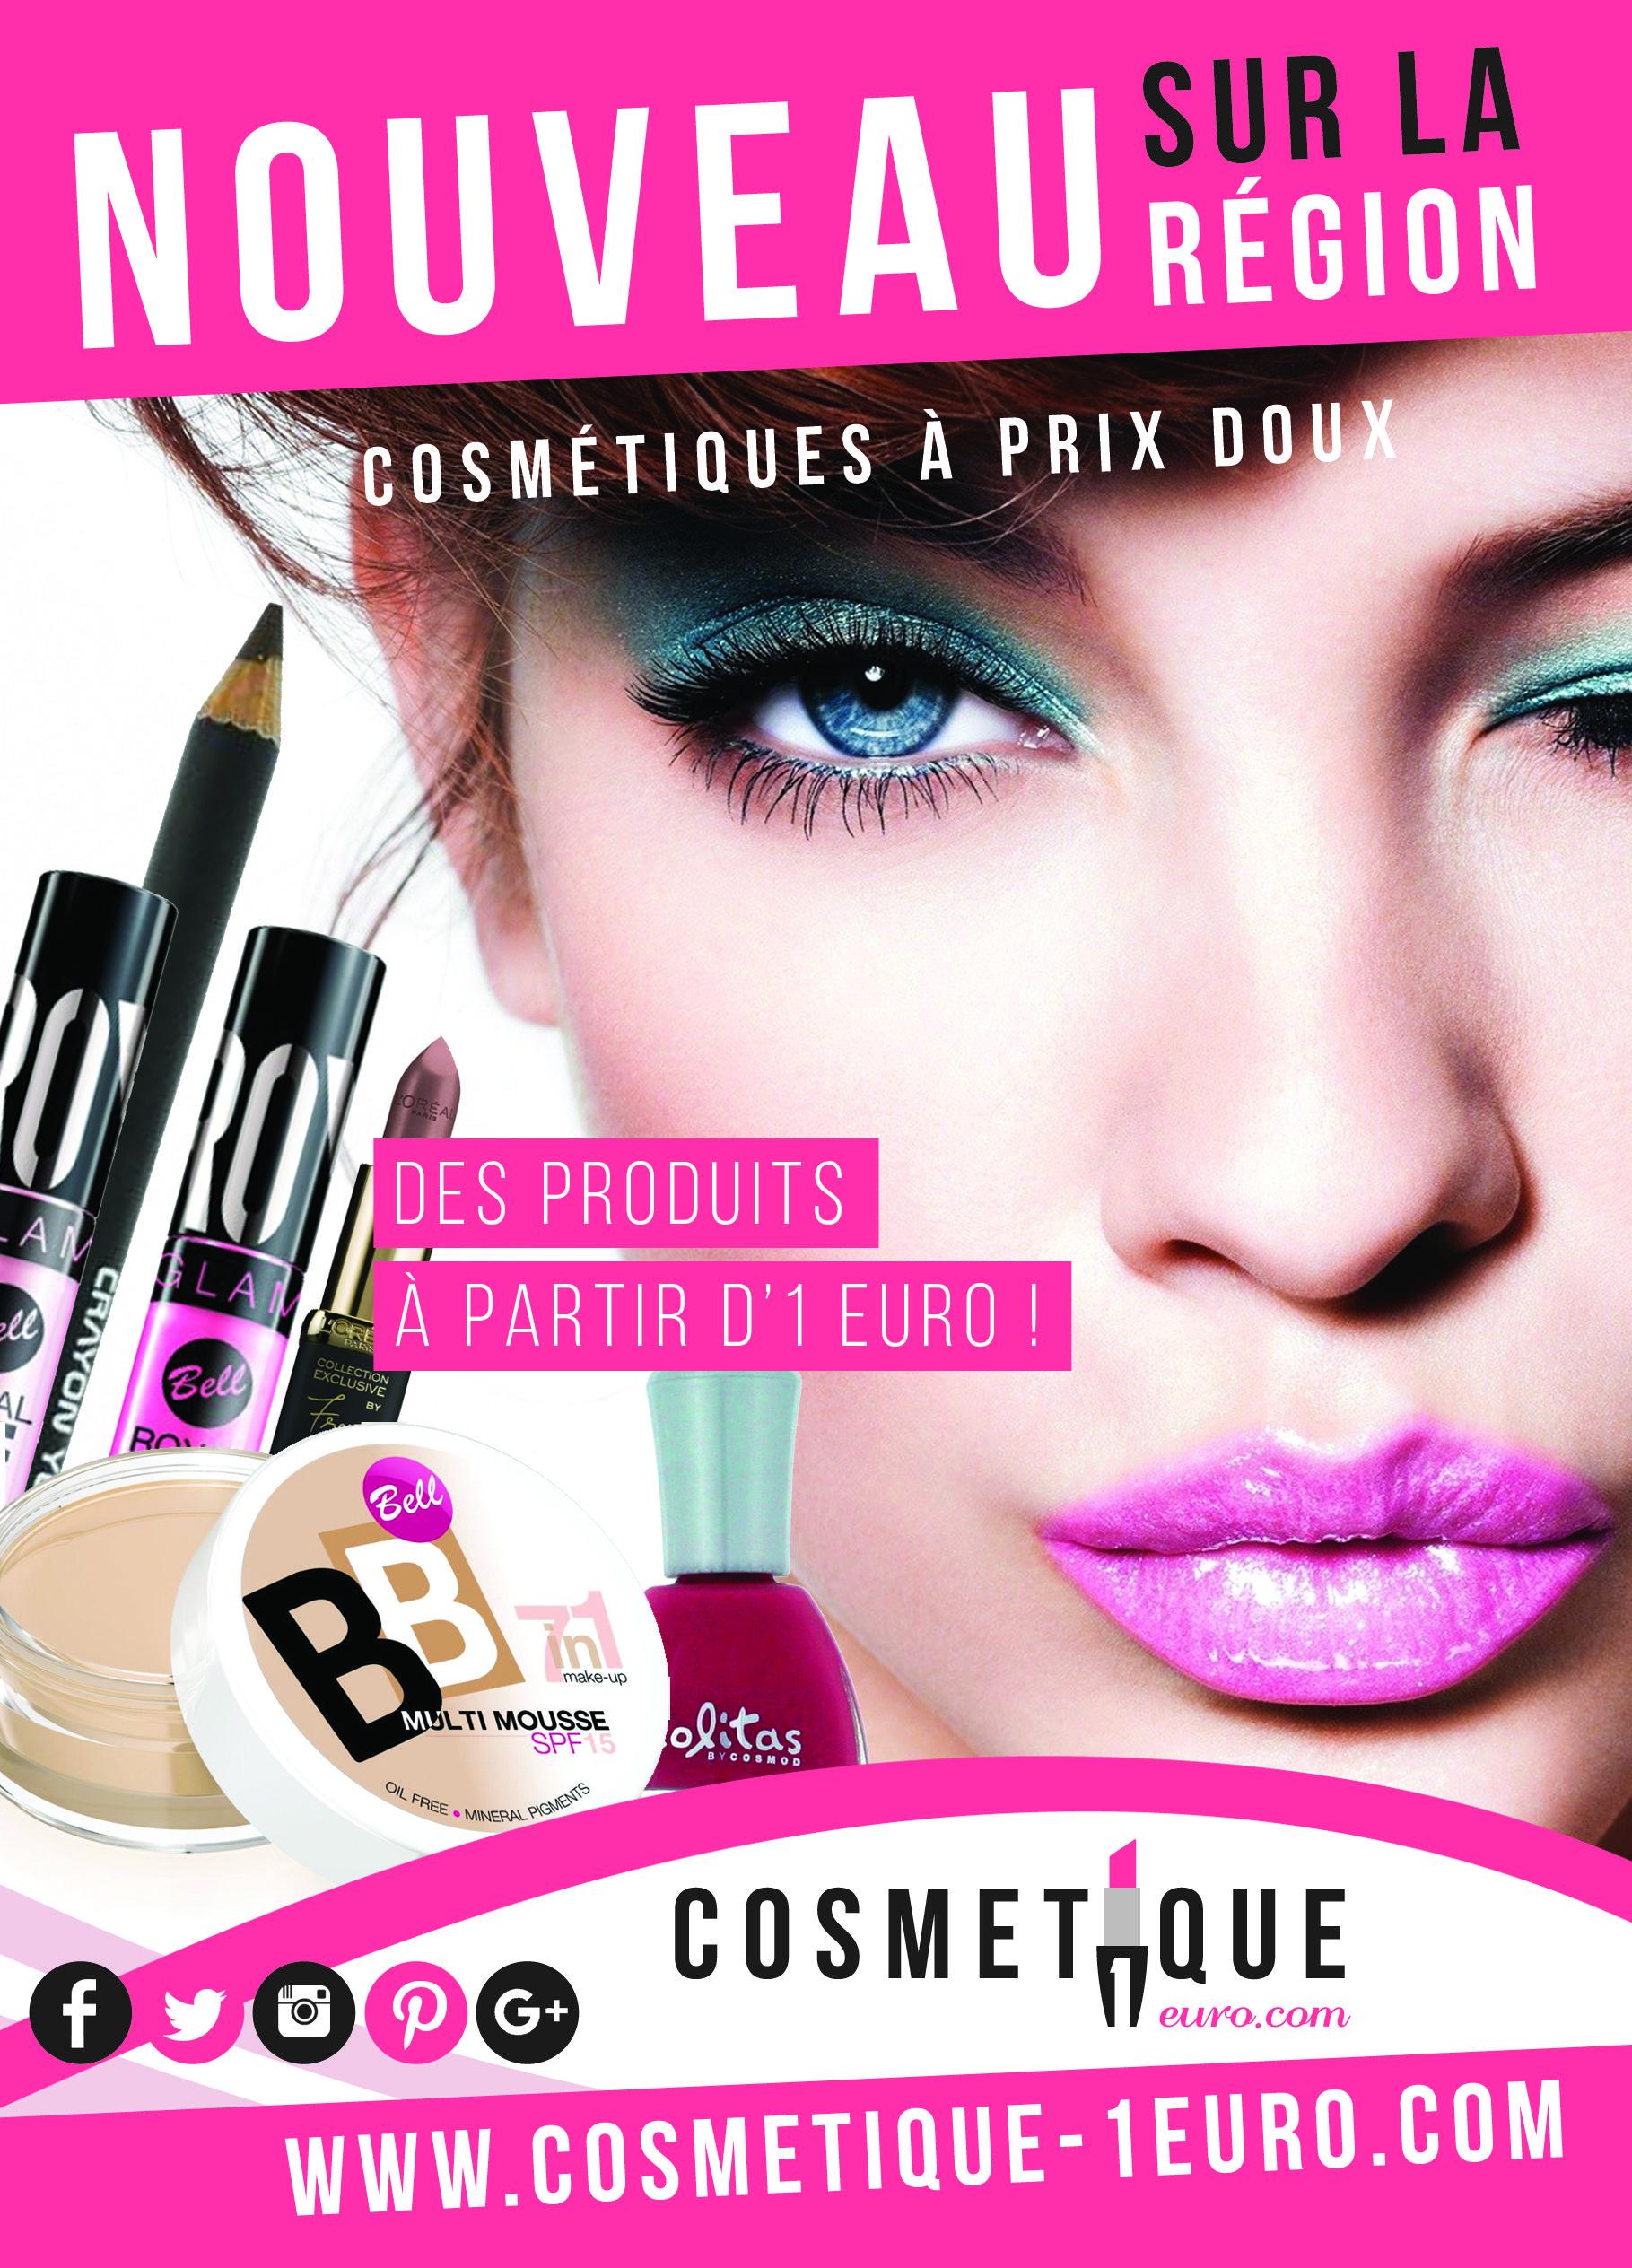 cosmetique 1 euro